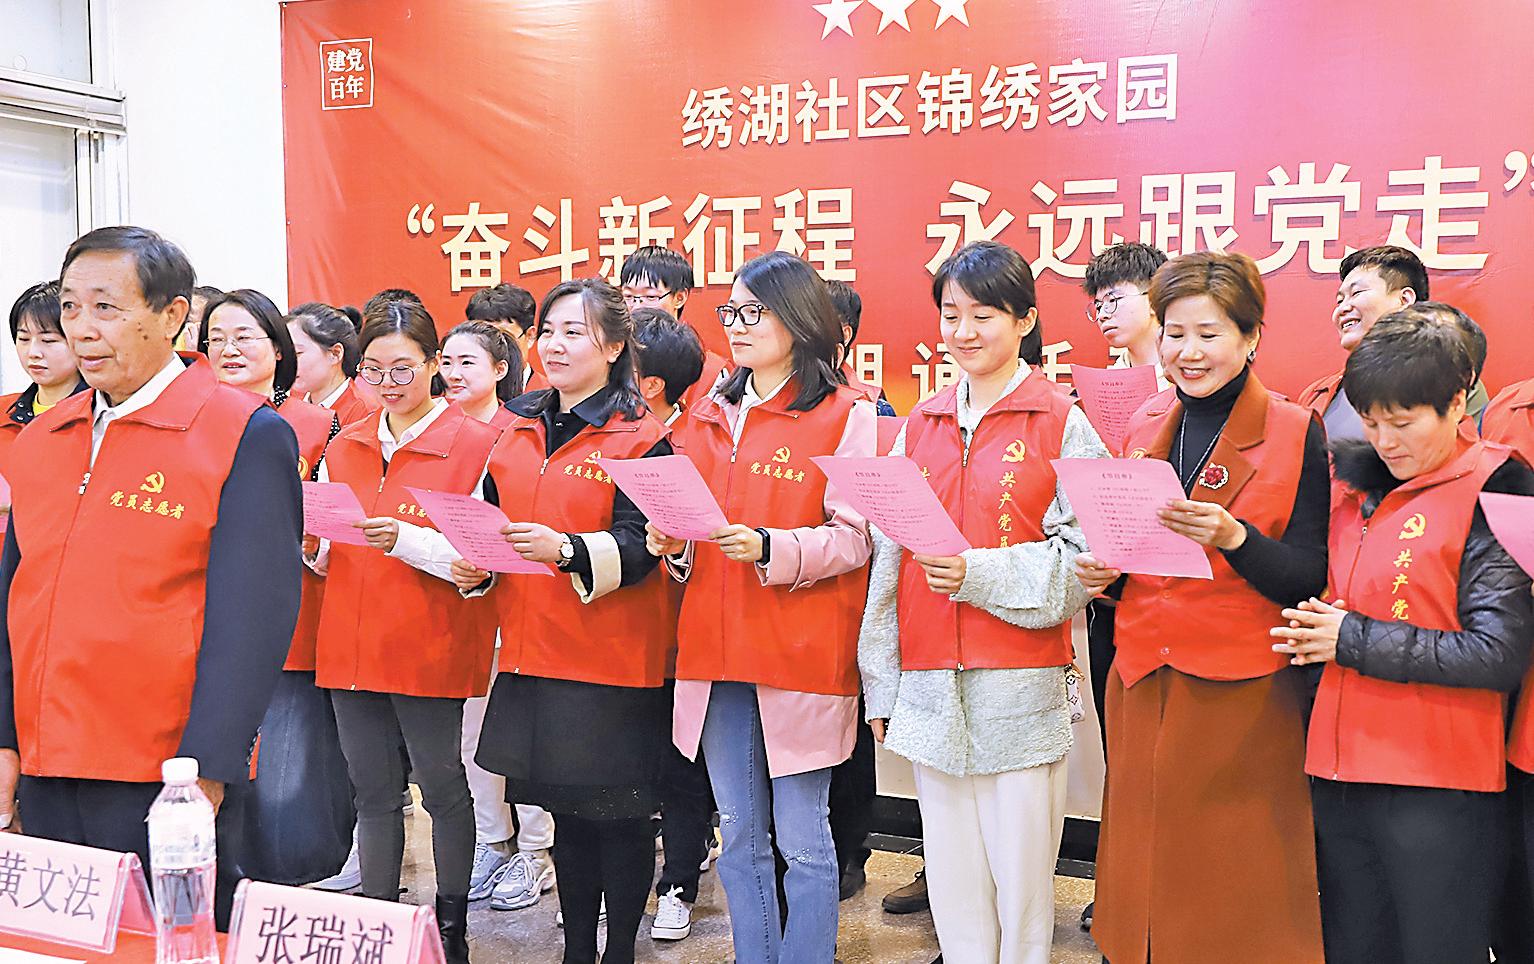 义乌稠城:歌声献给党